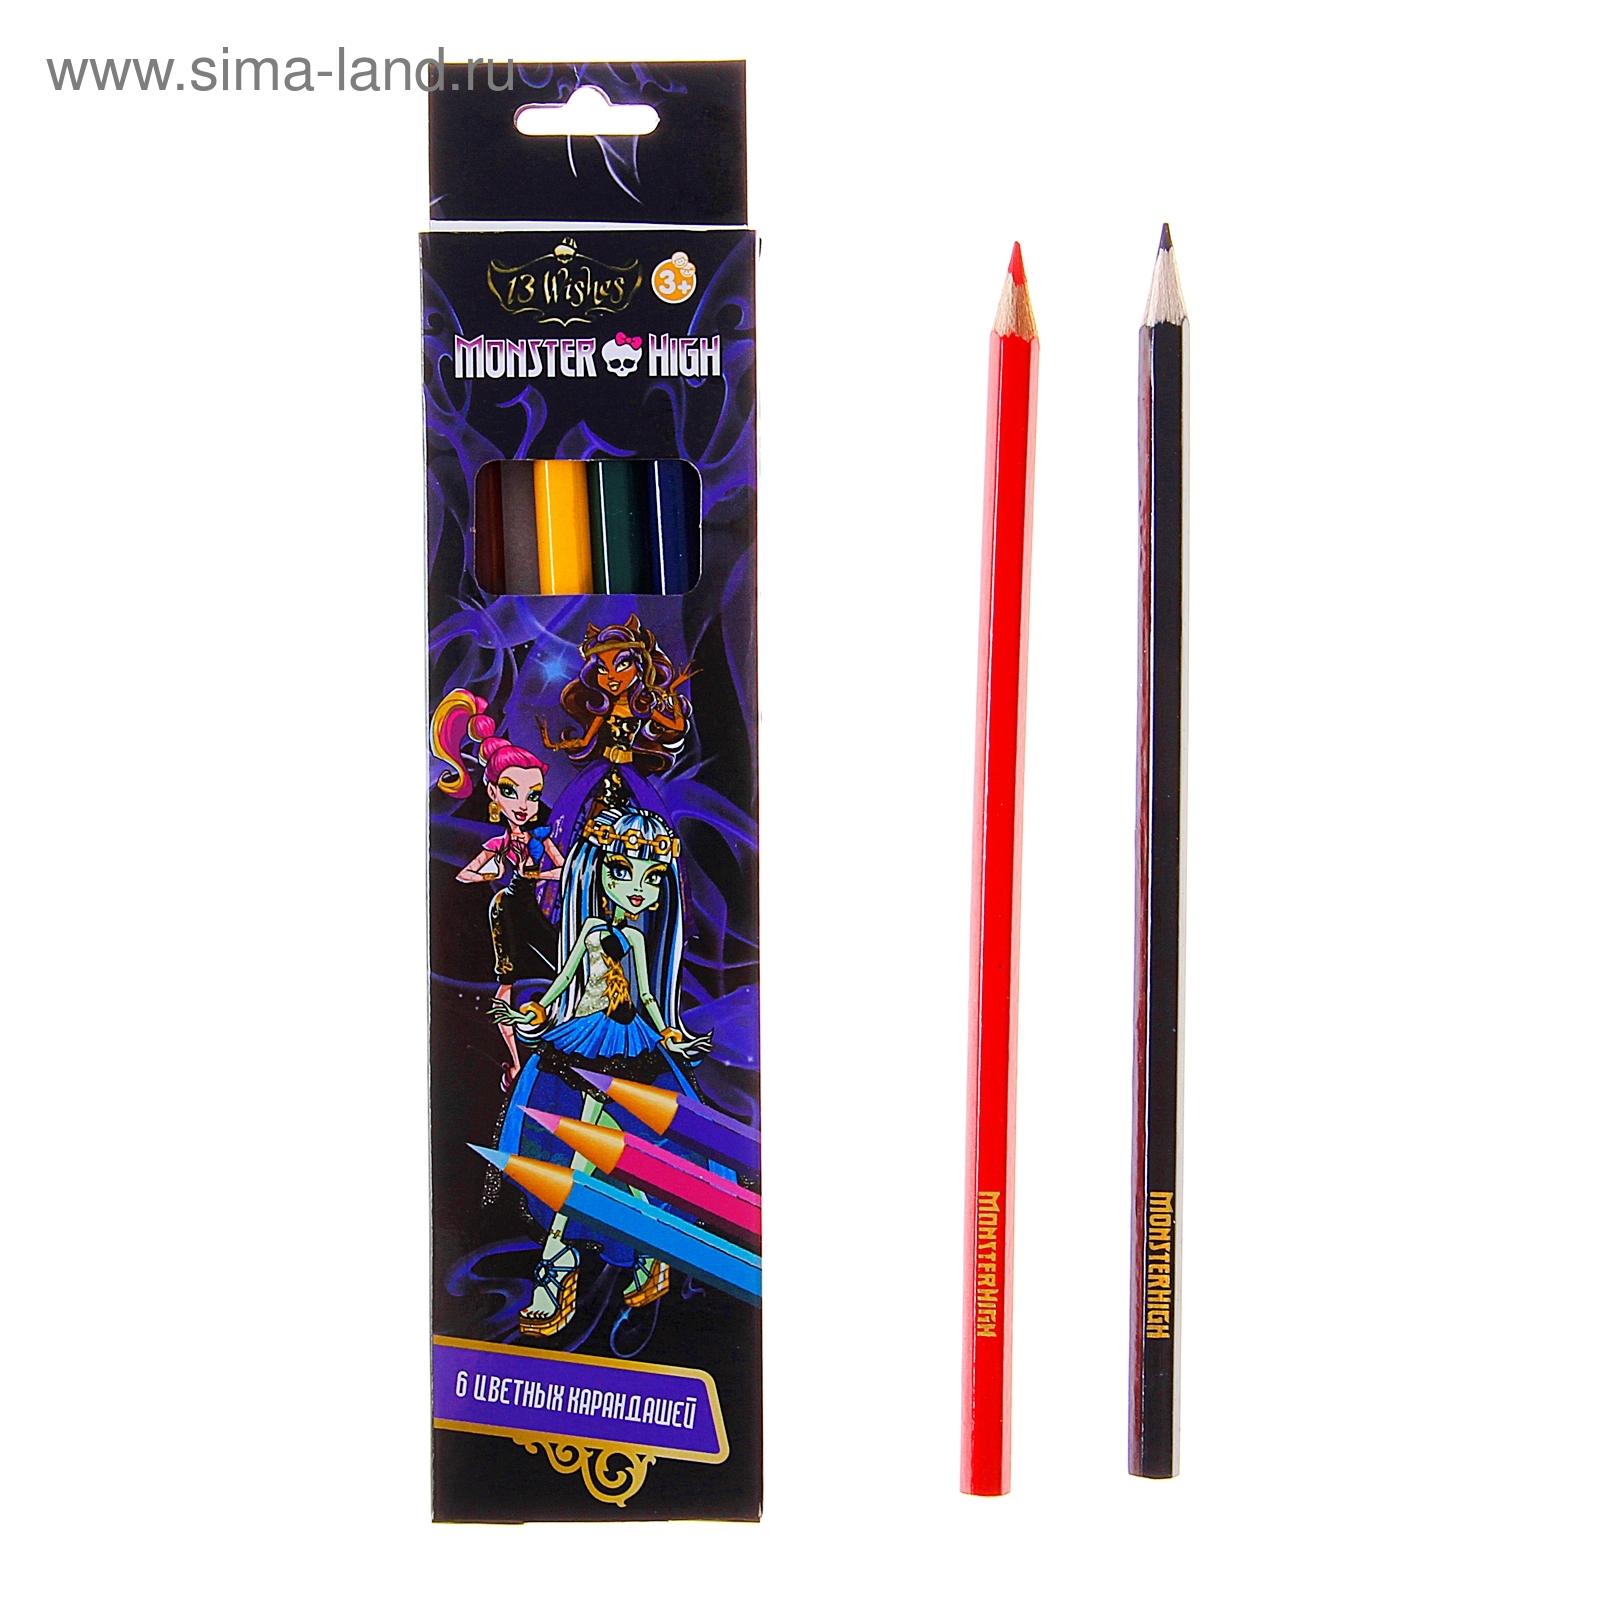 Карандаши цветные 6 цв Monster High 13 Wishes